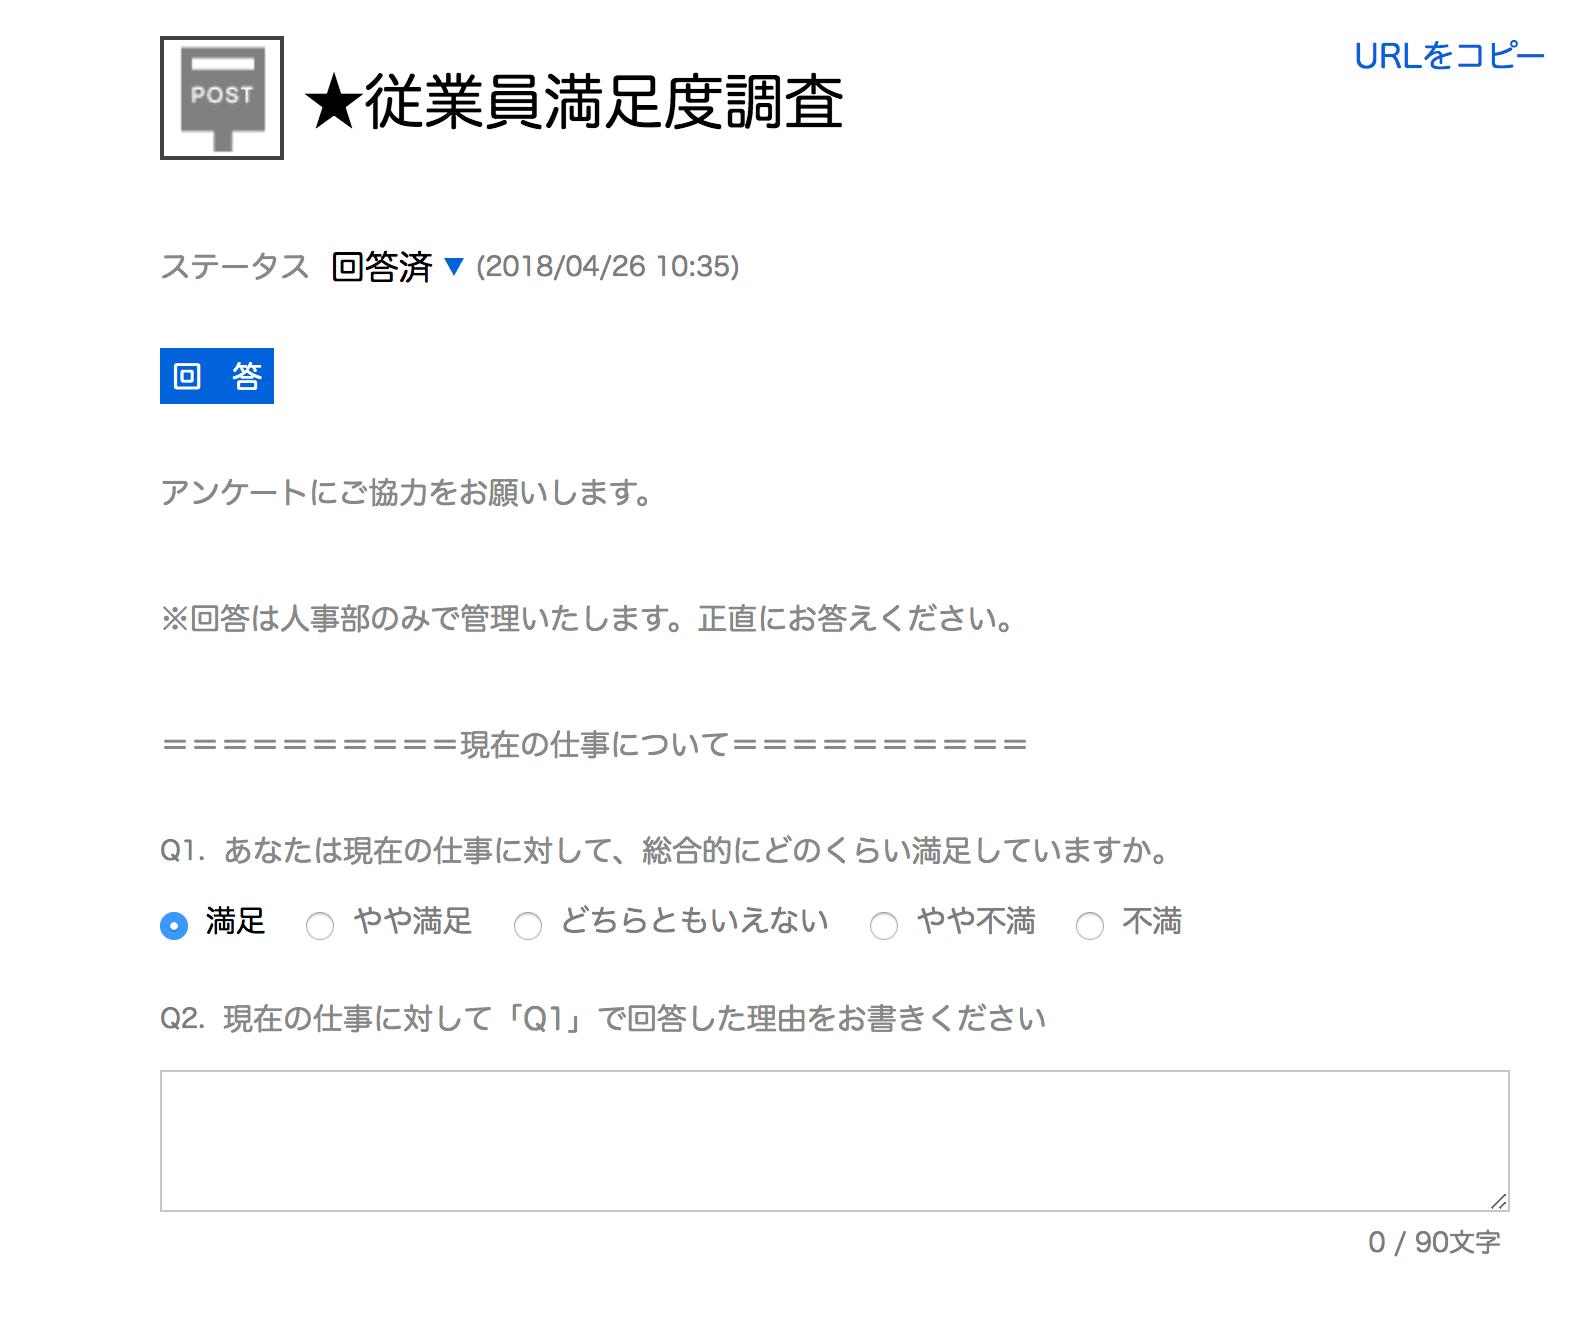 株式会社 夢真ホールディングス